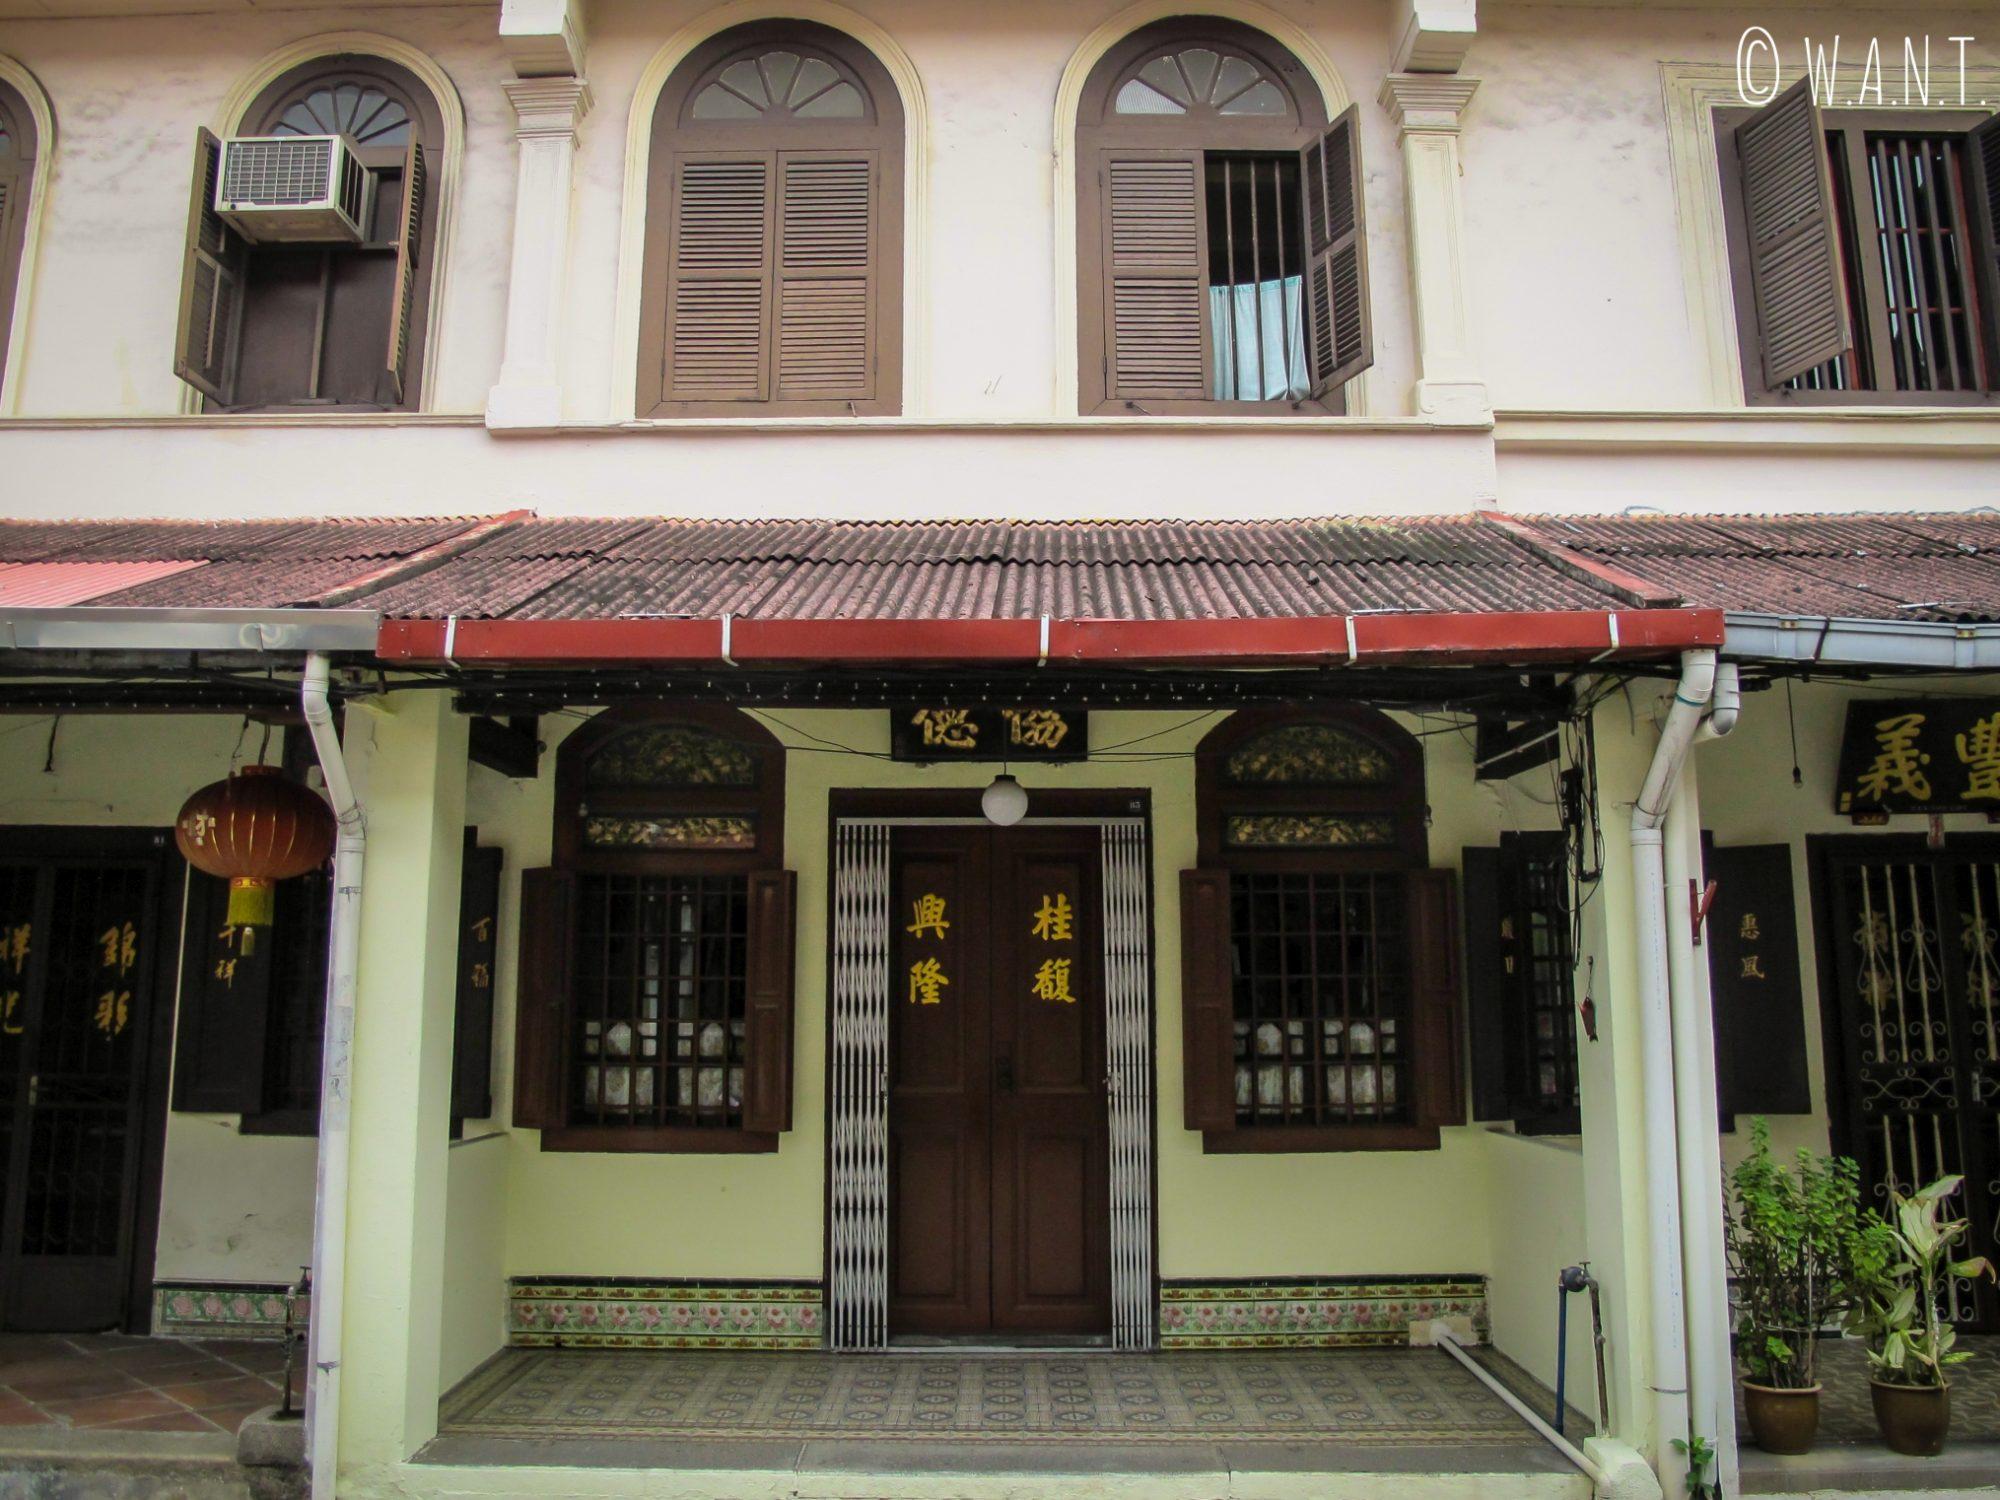 Façade de maison dans le quartier de Chinatown de Malacca